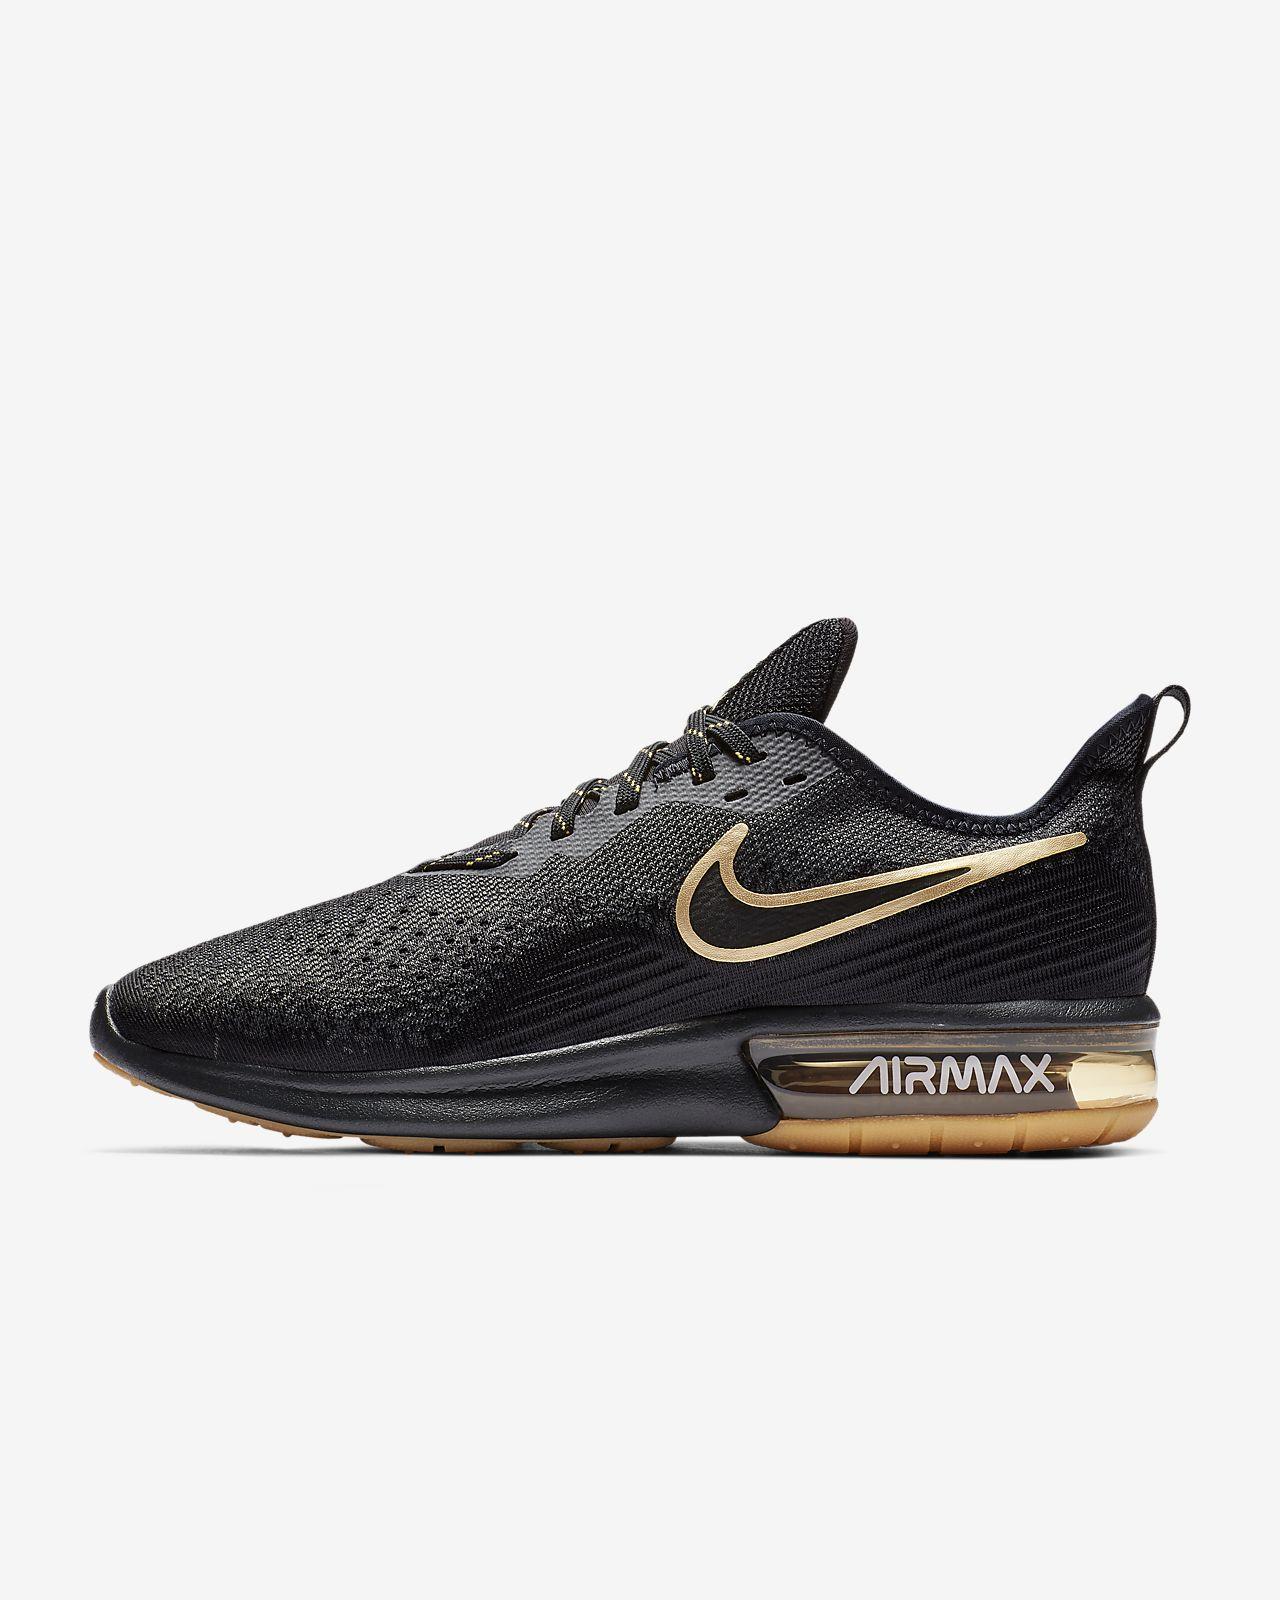 7d1e39ce7efa15 Nike Air Max Sequent 4 Men s Shoe. Nike.com IE